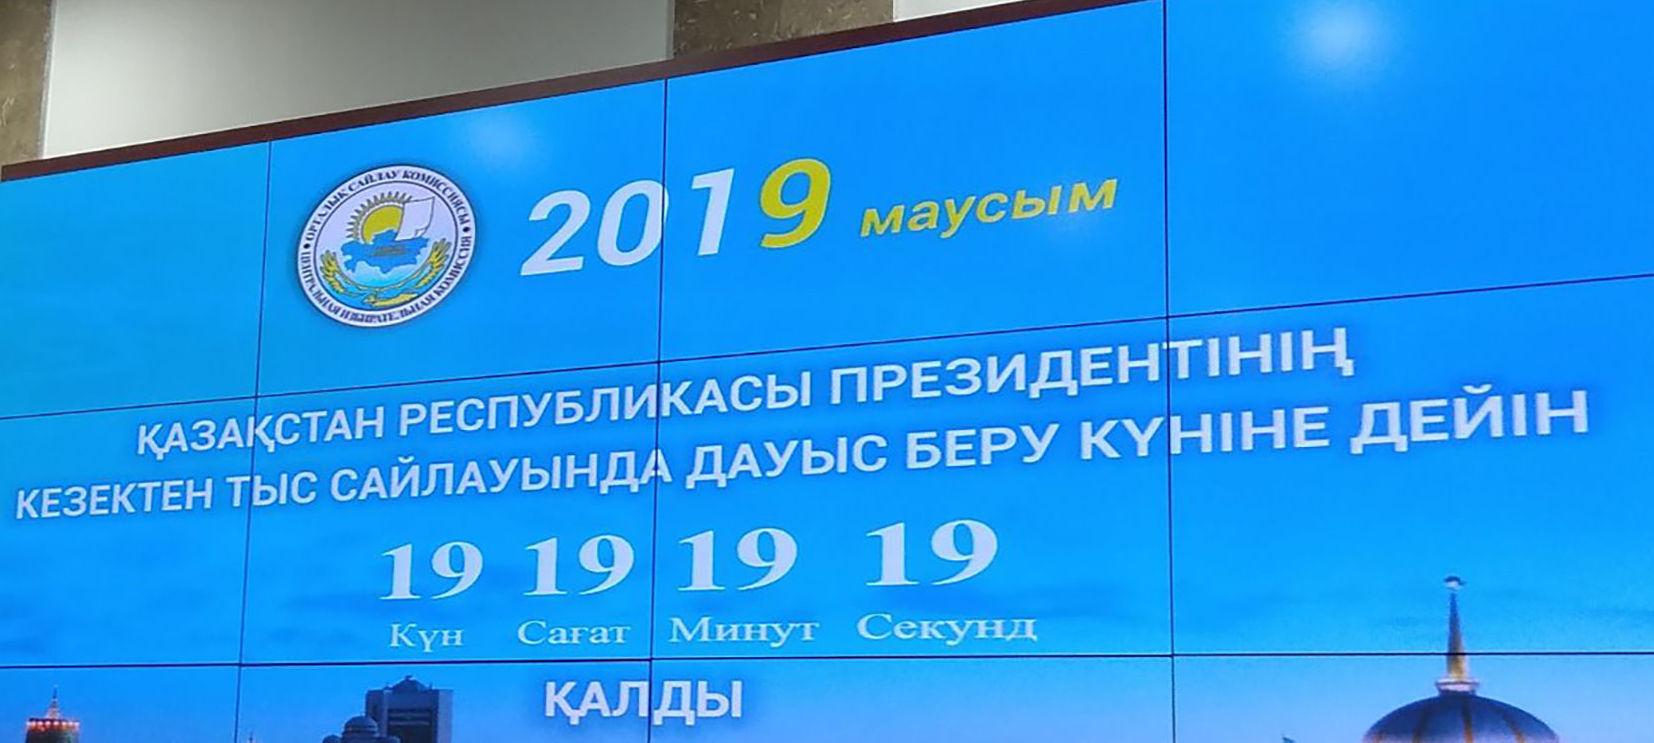 До выборов осталось 19 дней